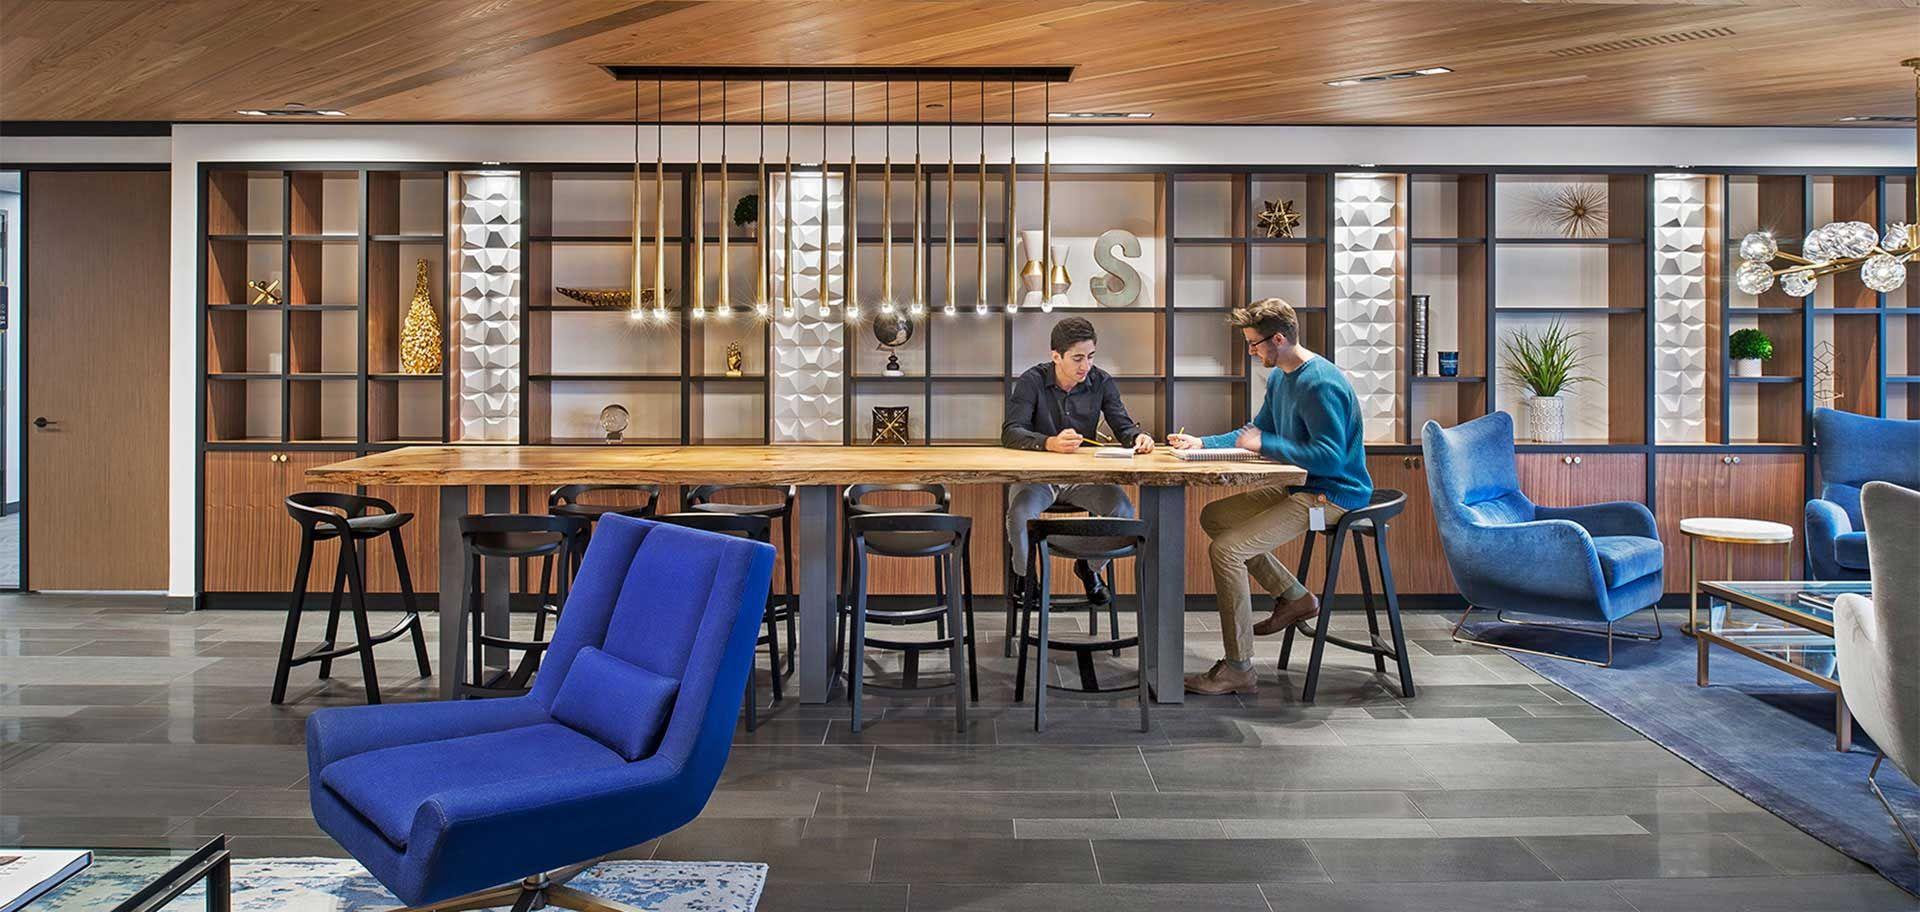 Detroit / Michigan Architect & Design Firm Neumann/Smith